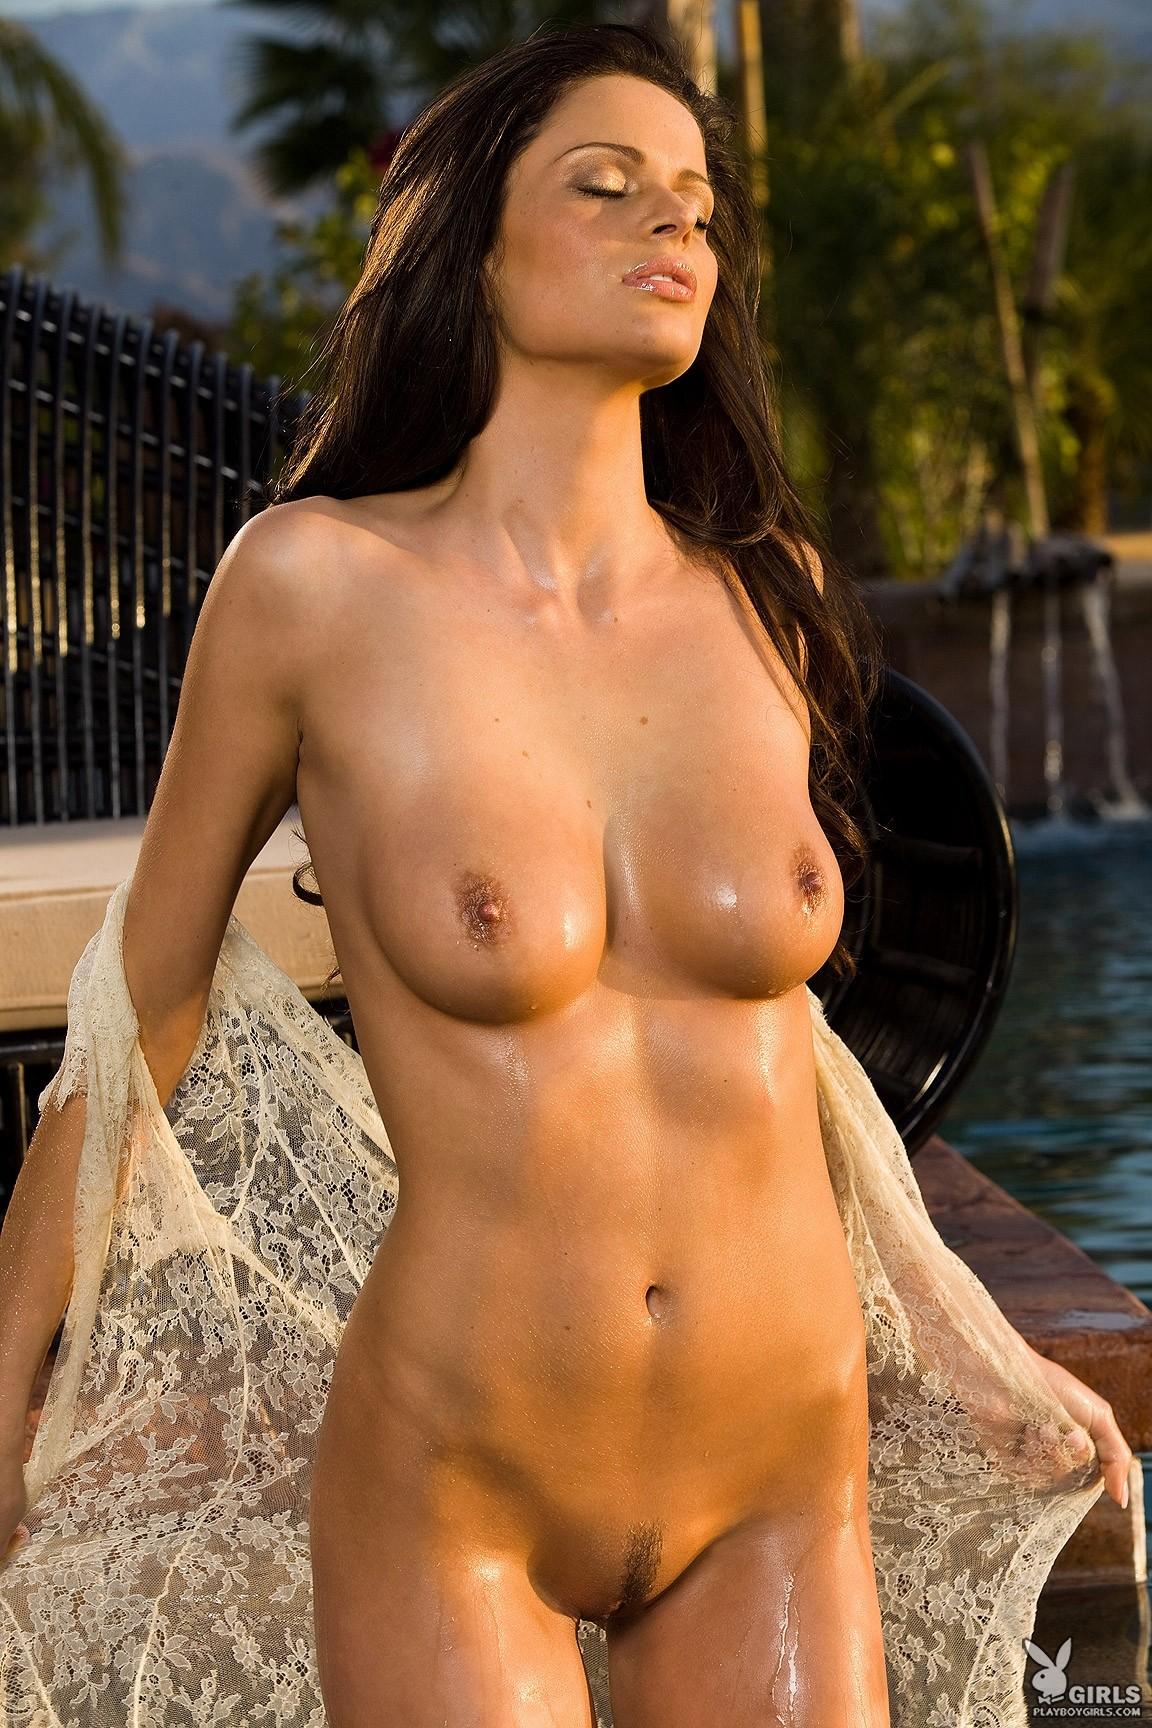 Beth williams nude sex, fake nude superheros